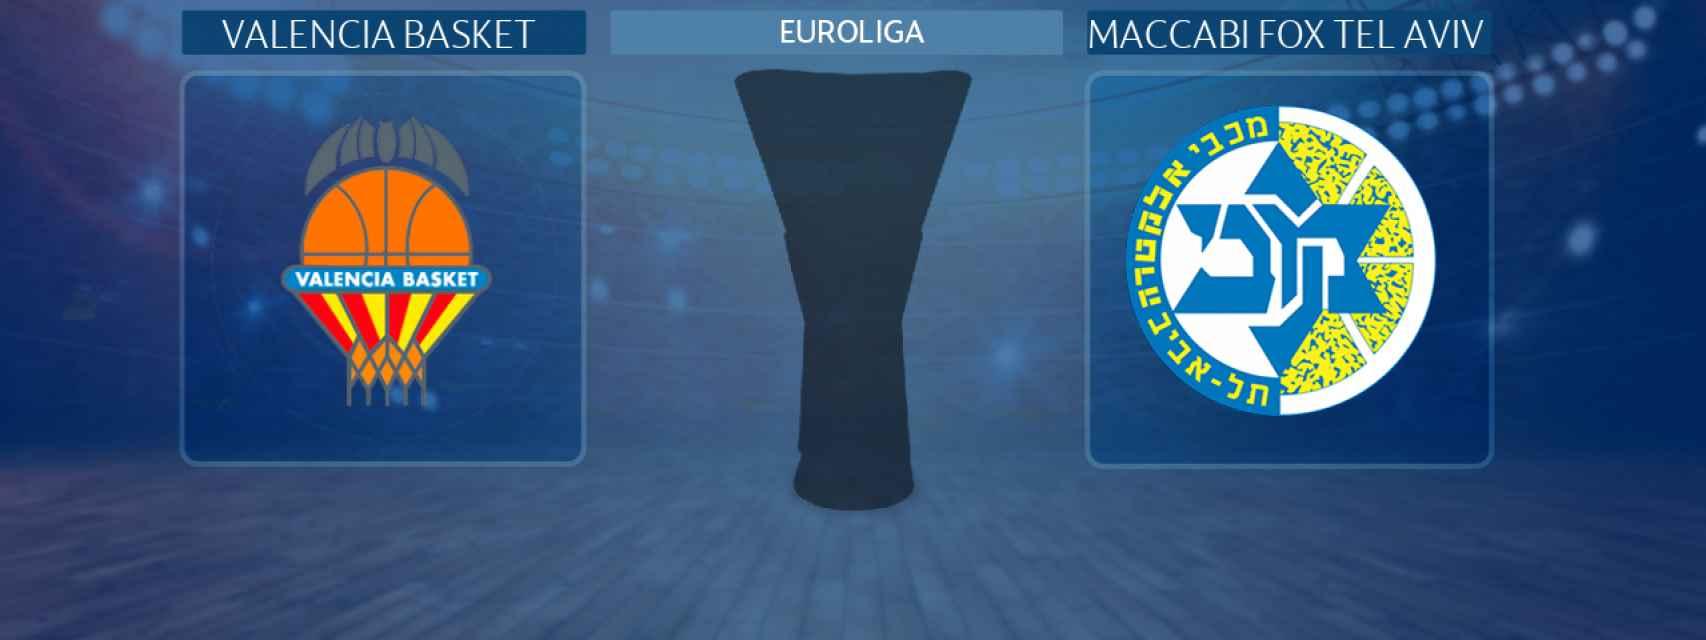 Valencia Basket - Maccabi Fox Tel Aviv, partido de la Euroliga